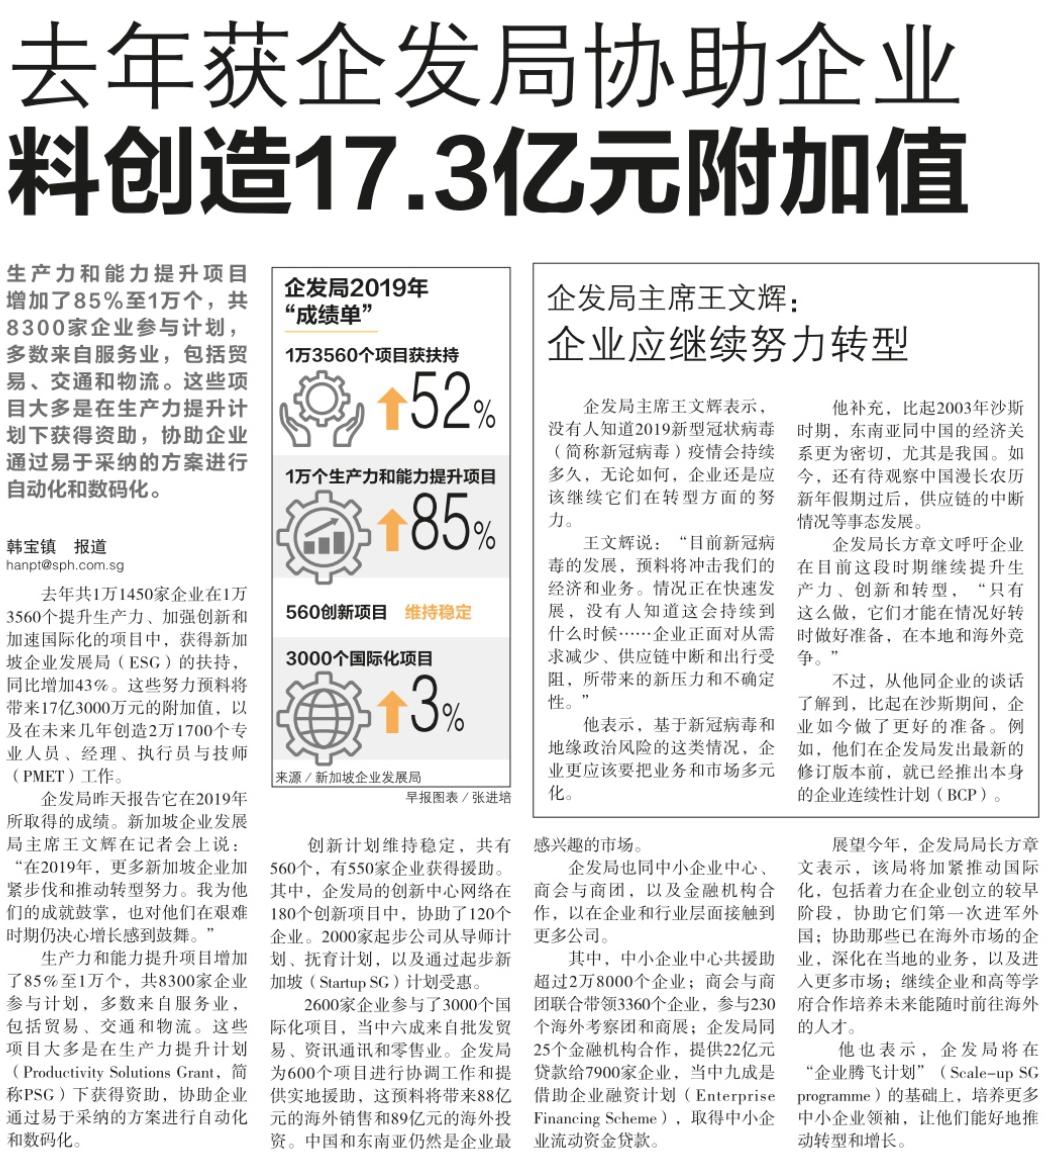 去年获企发局协助企业,料创造17.3亿元附加值.png